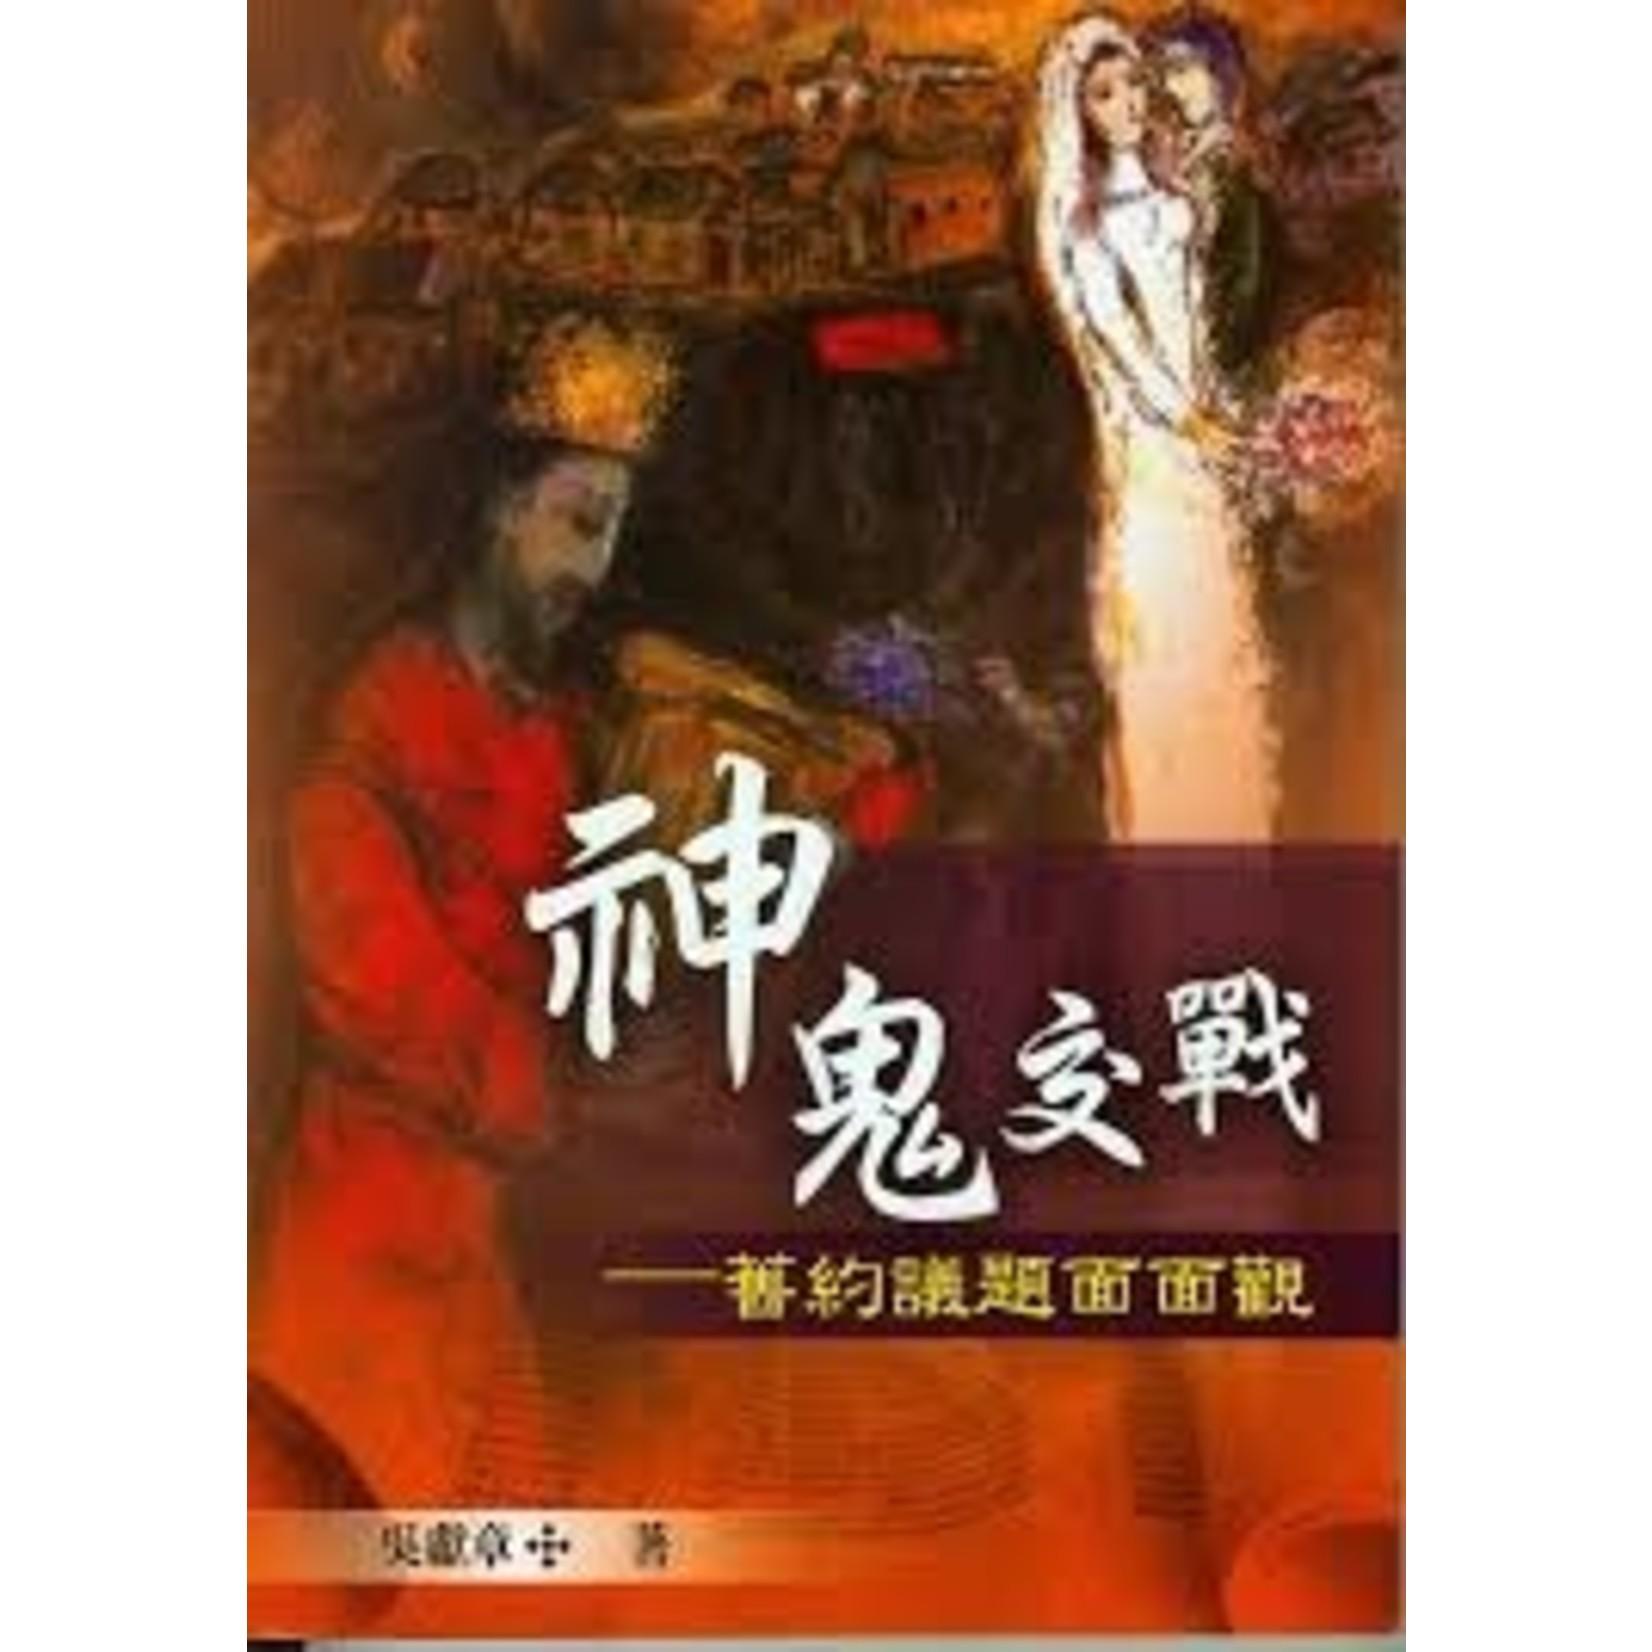 中華福音神學院 China Evangelical Seminary 神鬼交戰:舊約議題面面觀